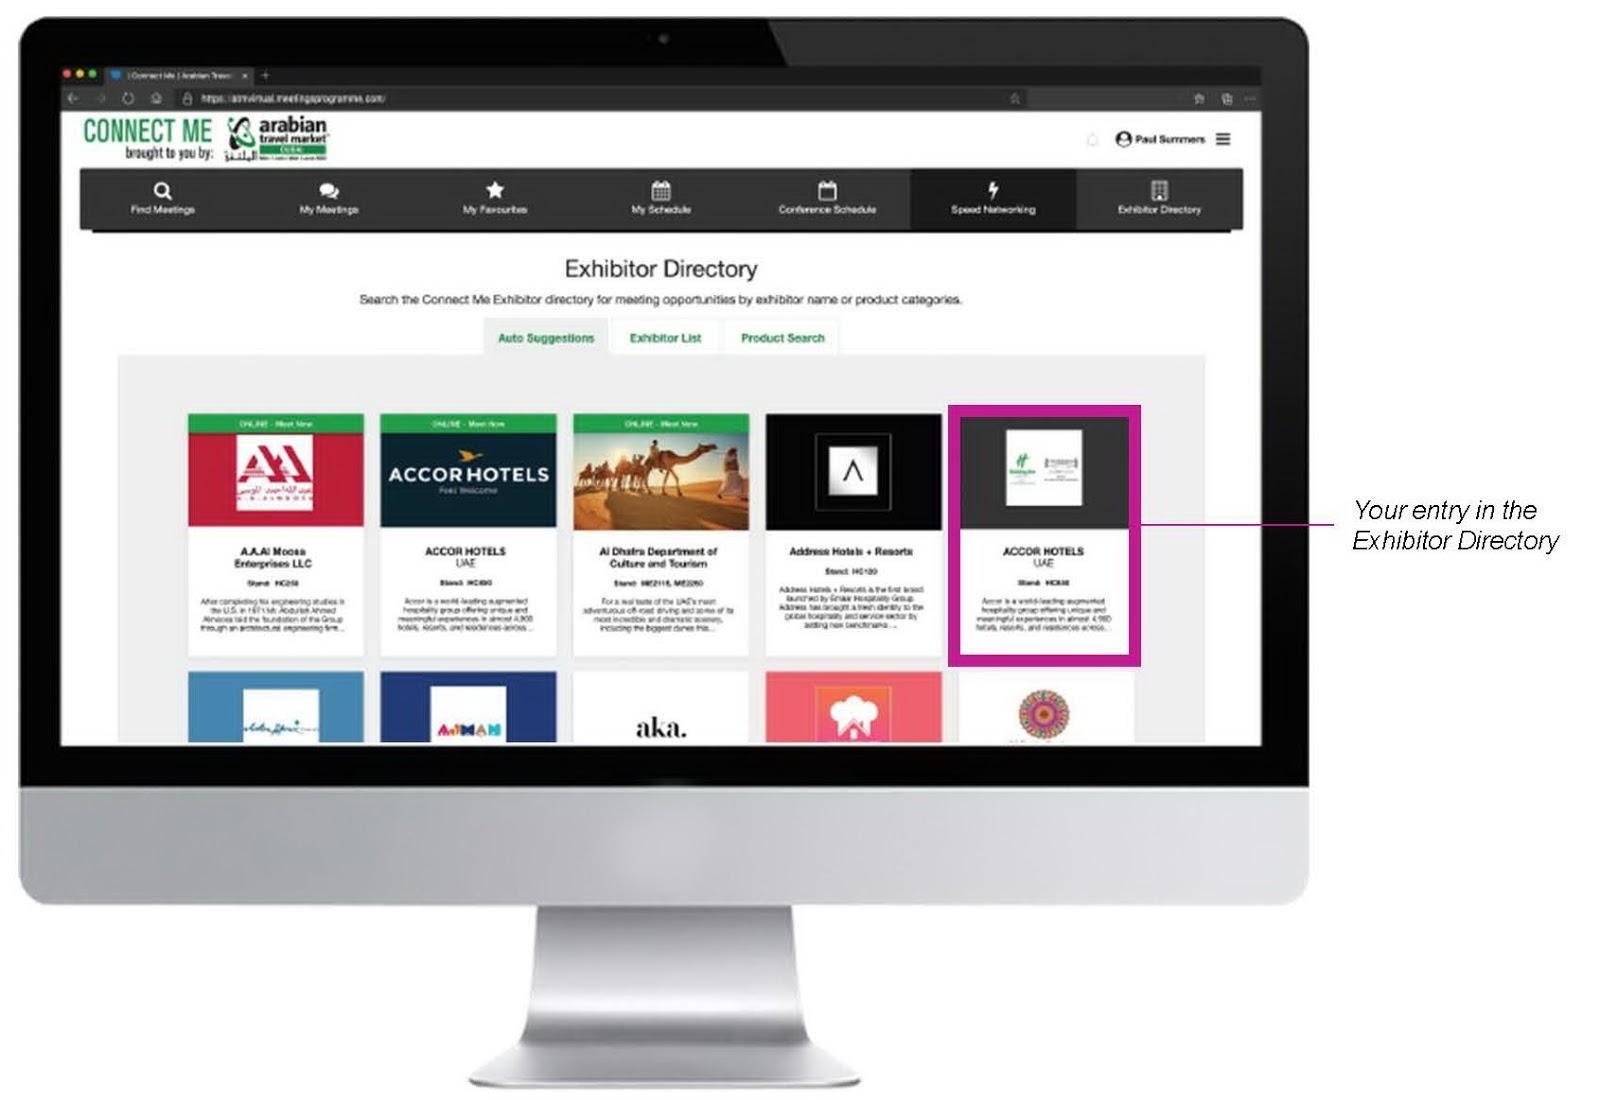 참가기업을 리스트로 제공하고 각 박스는 브랜드 페이지로 연결되는 형태의 온라인 전시회 출처 독일 FIBO 국제피트니스박람회